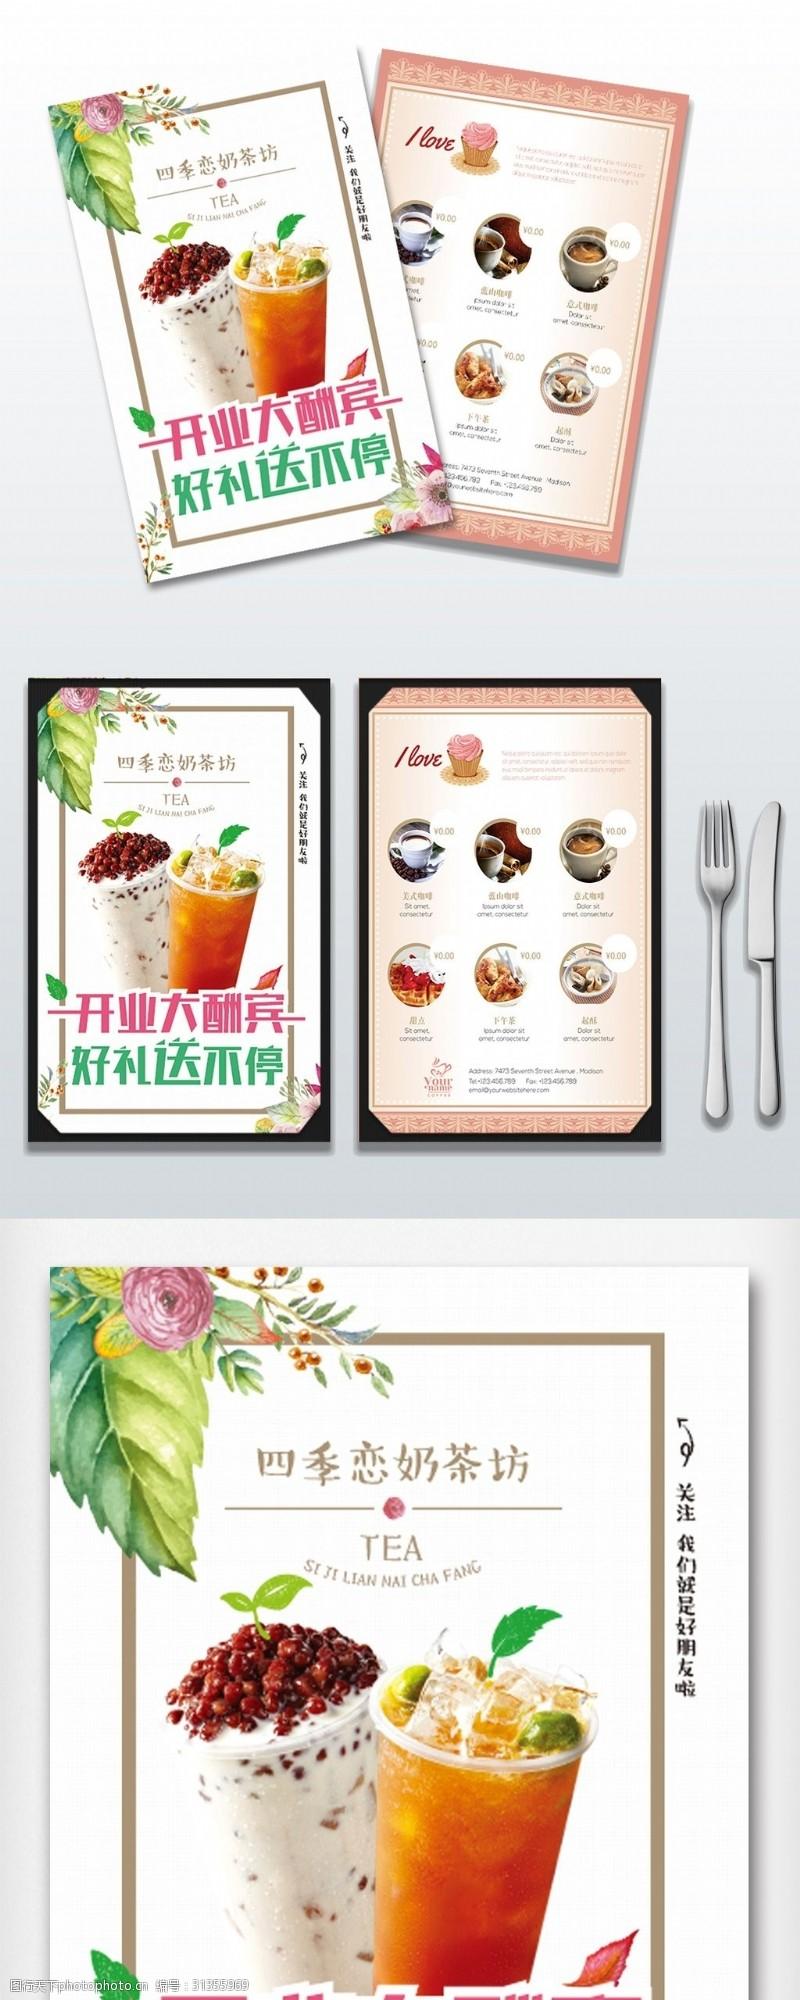 奶茶模板创意奶茶菜单模板设计